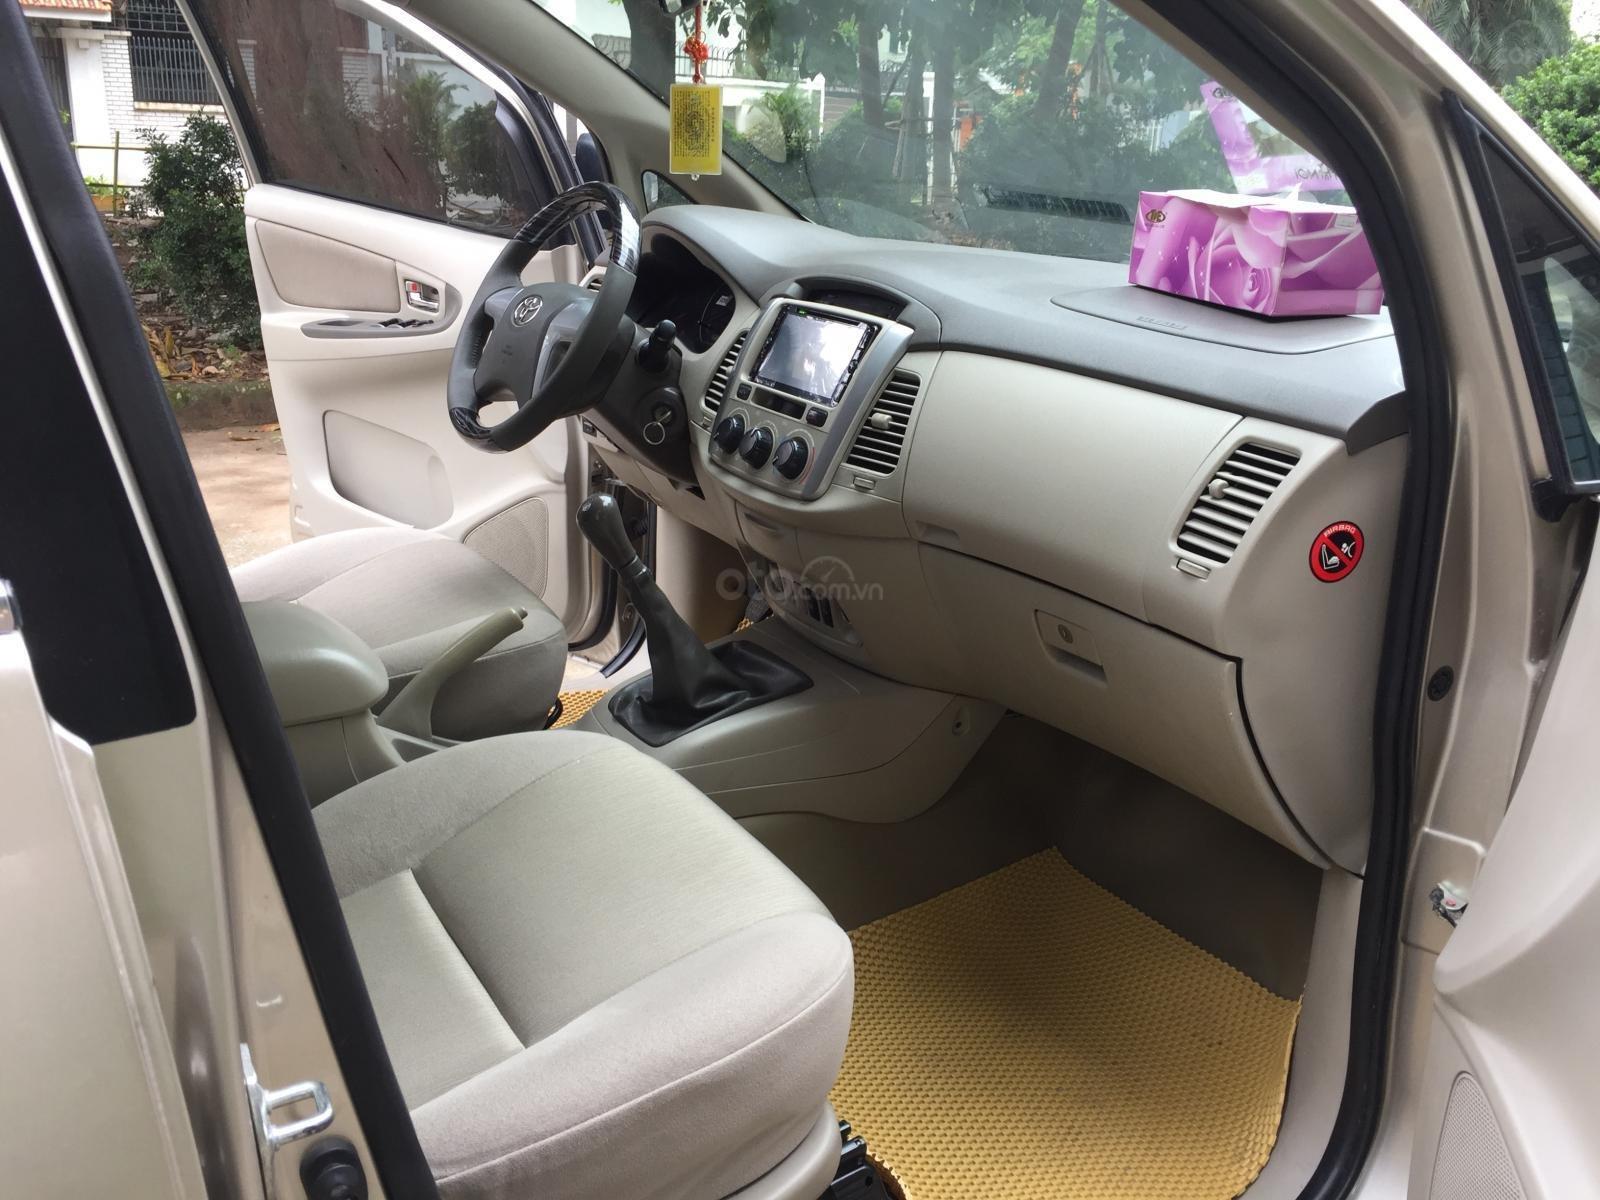 Tôi cần bán gấp chiếc Toyota Innnova 2.0E xịn 2015 xố sàn màu cát vàng chính chủ tôi đang sử dụng lh 0988629735 (8)